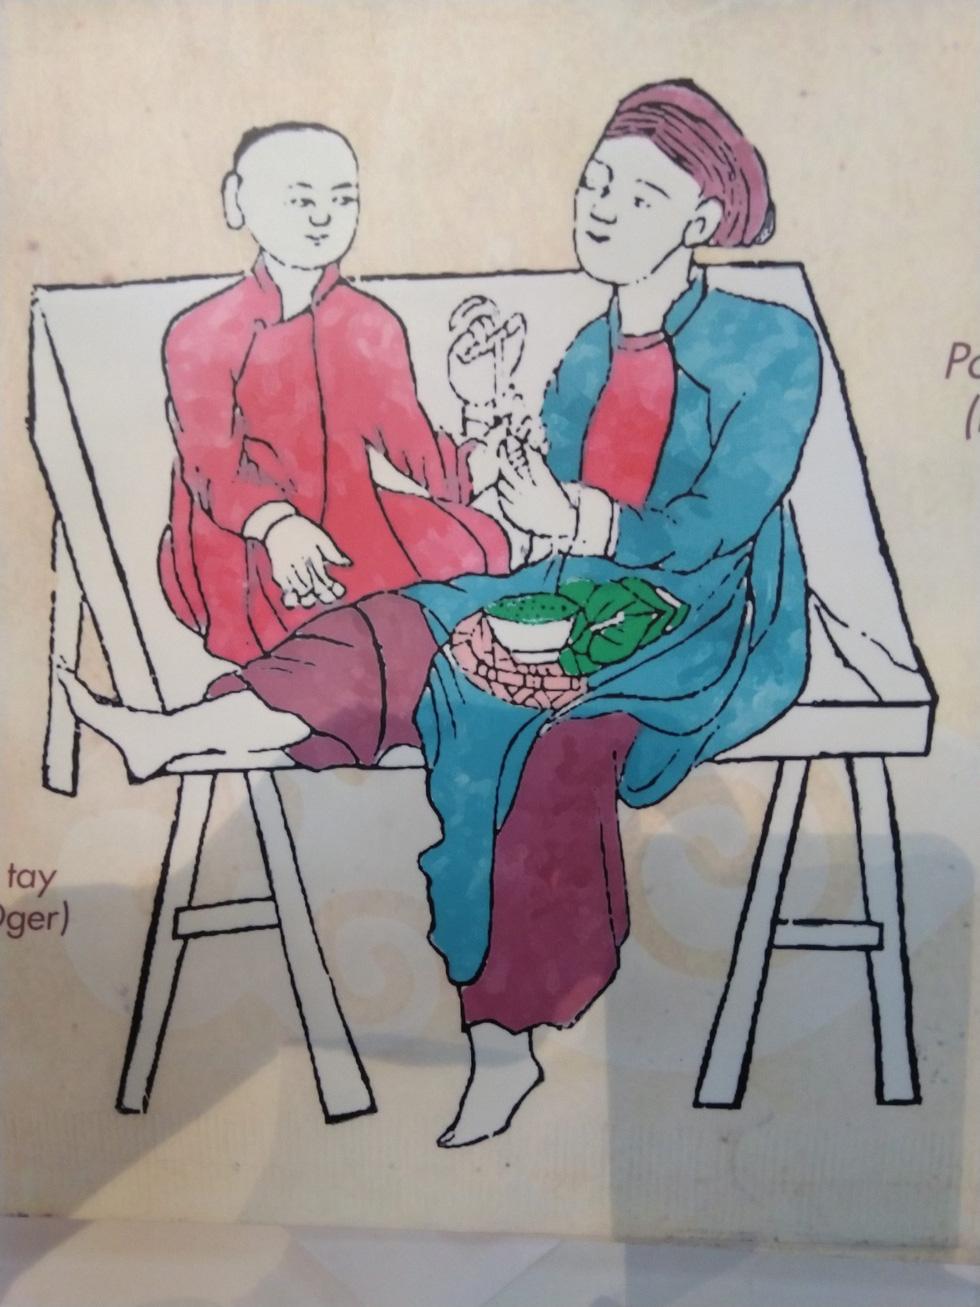 Tết Đoan Ngọ - Tết kì lạ nhất của người Việt qua tranh, tư liệu của tác giả Pháp - Ảnh 10.